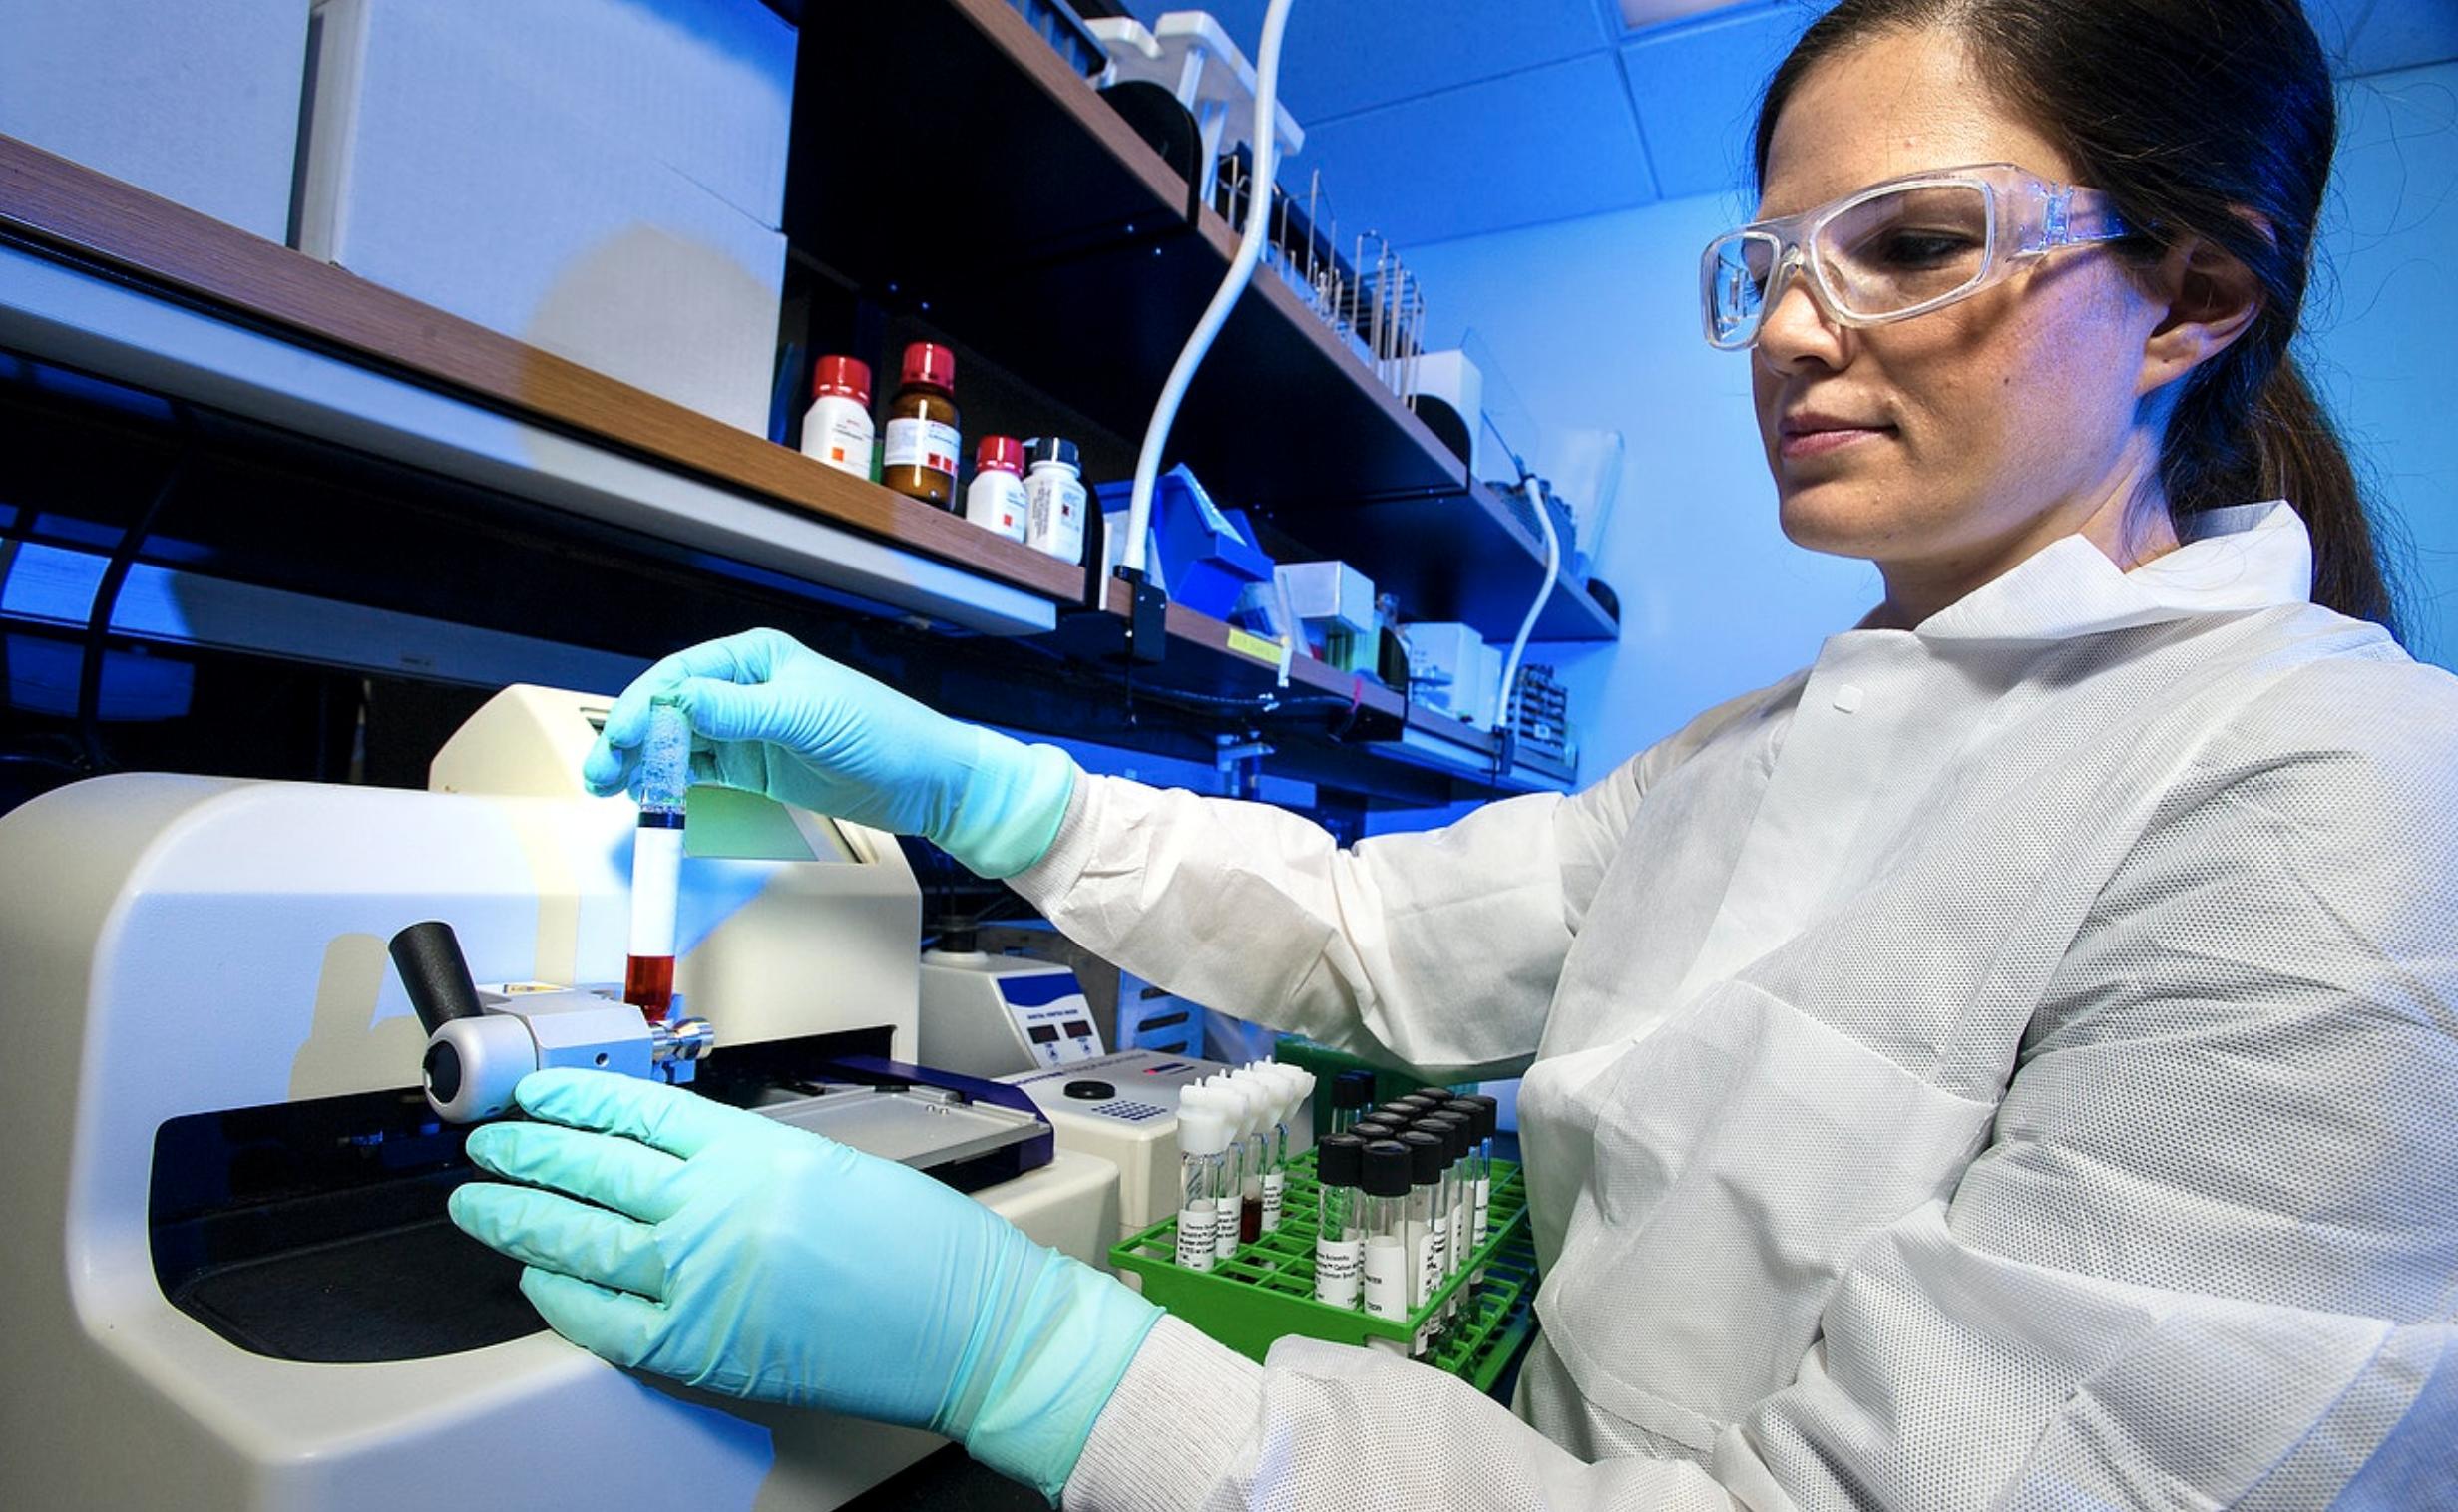 PhD researcher in laboratory